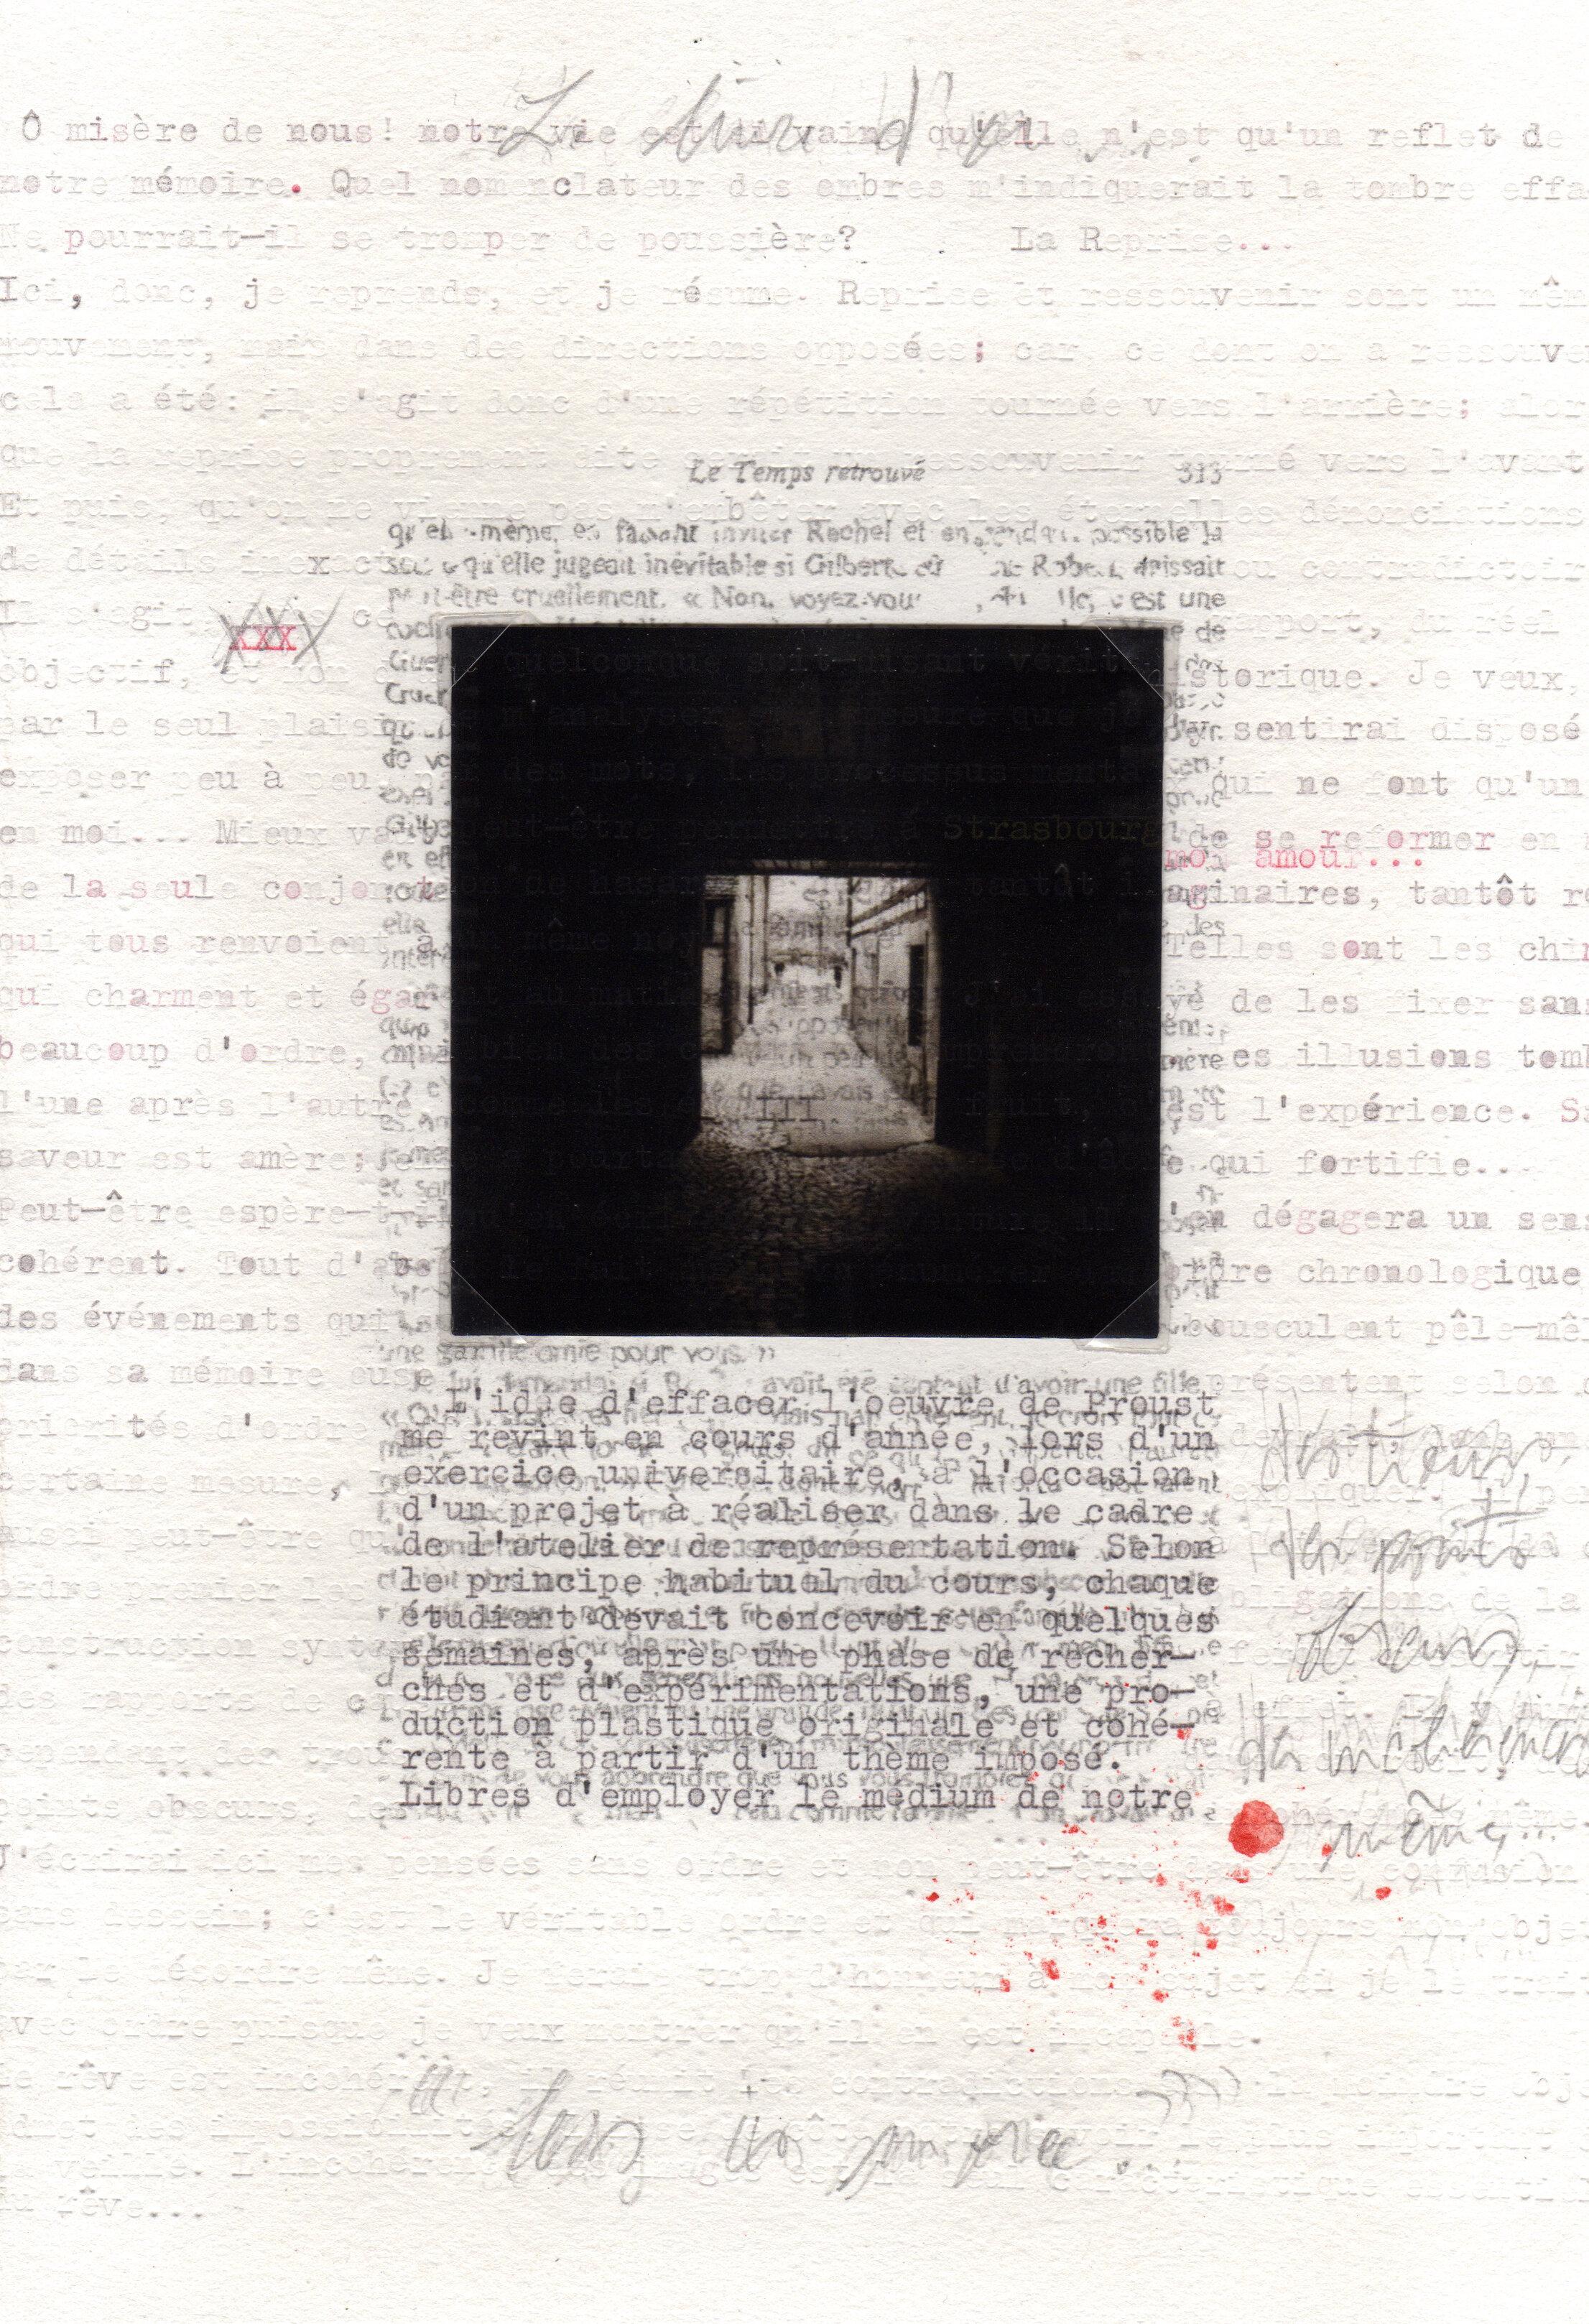 Palimpseste 021, 2019, 19,5 x 28 cm, impression photographique, graphite, encre tapuscrite et pigment sur papier